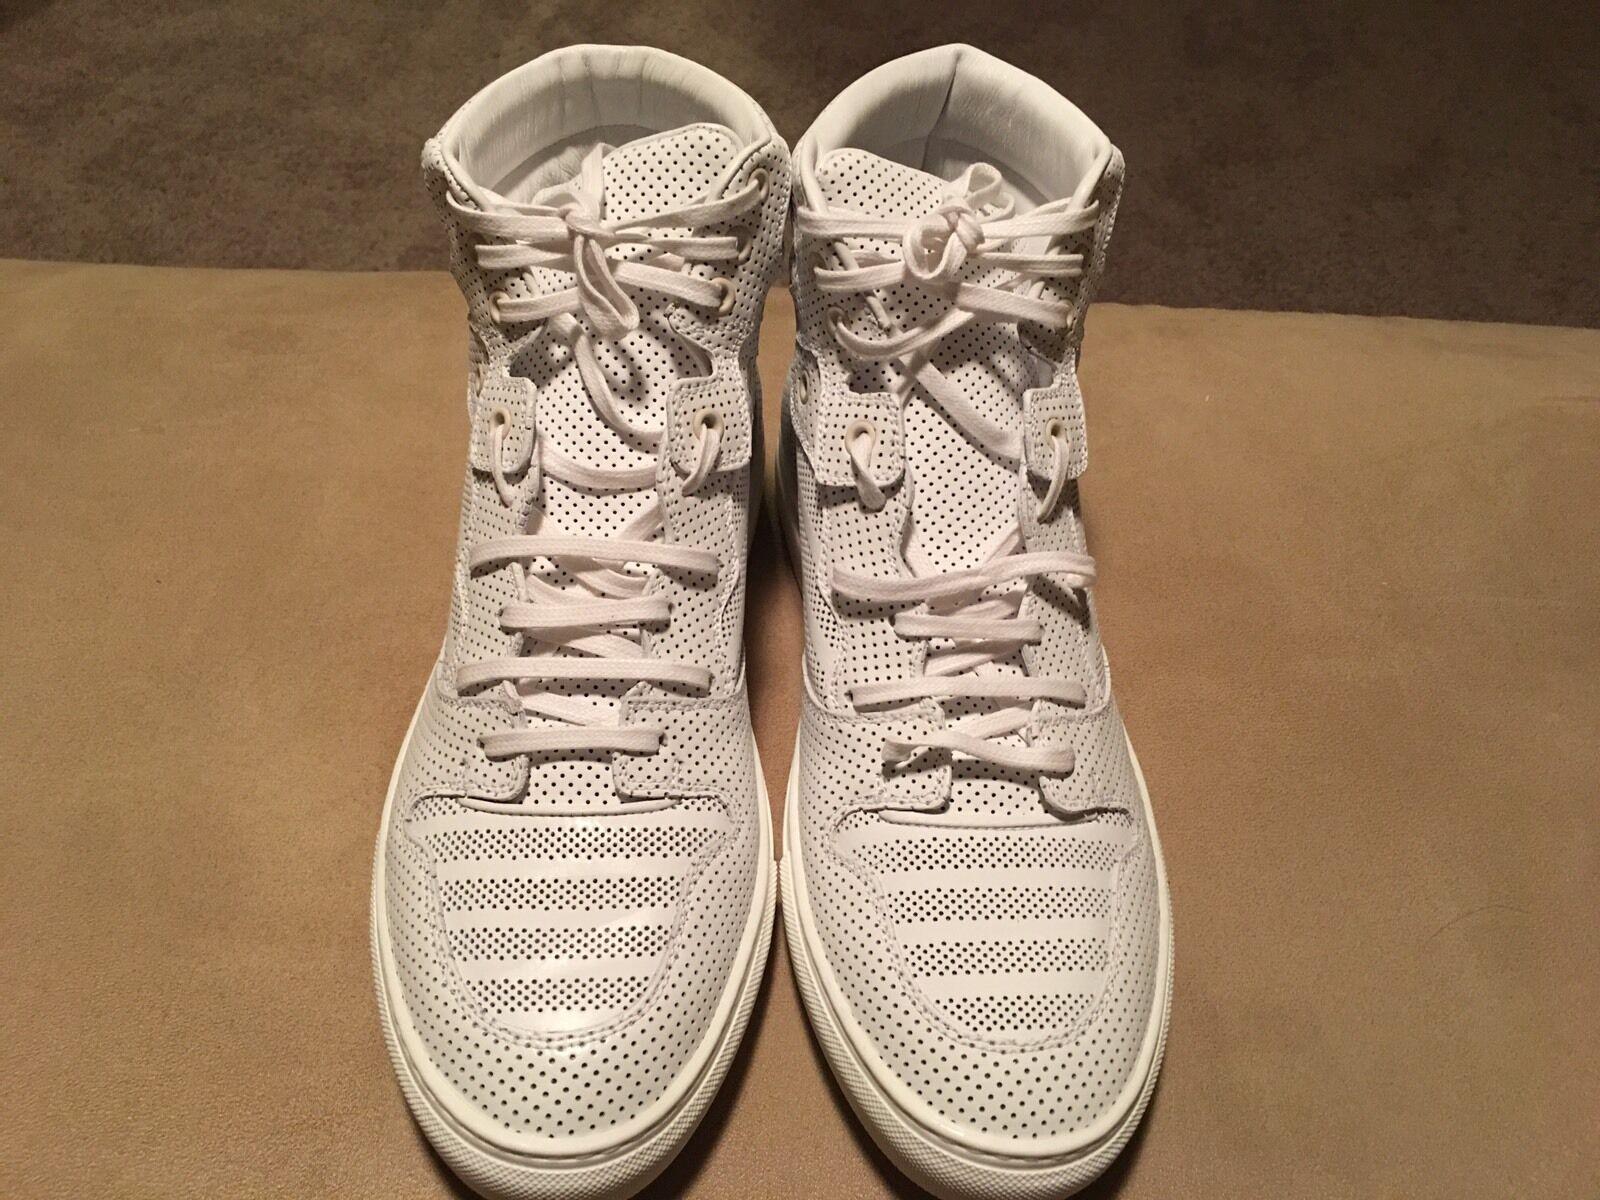 Scarpe casual da uomo  New balenciaga Monochrome Perforated White Sneaker Size 42 Fits USA Size 10/10.5